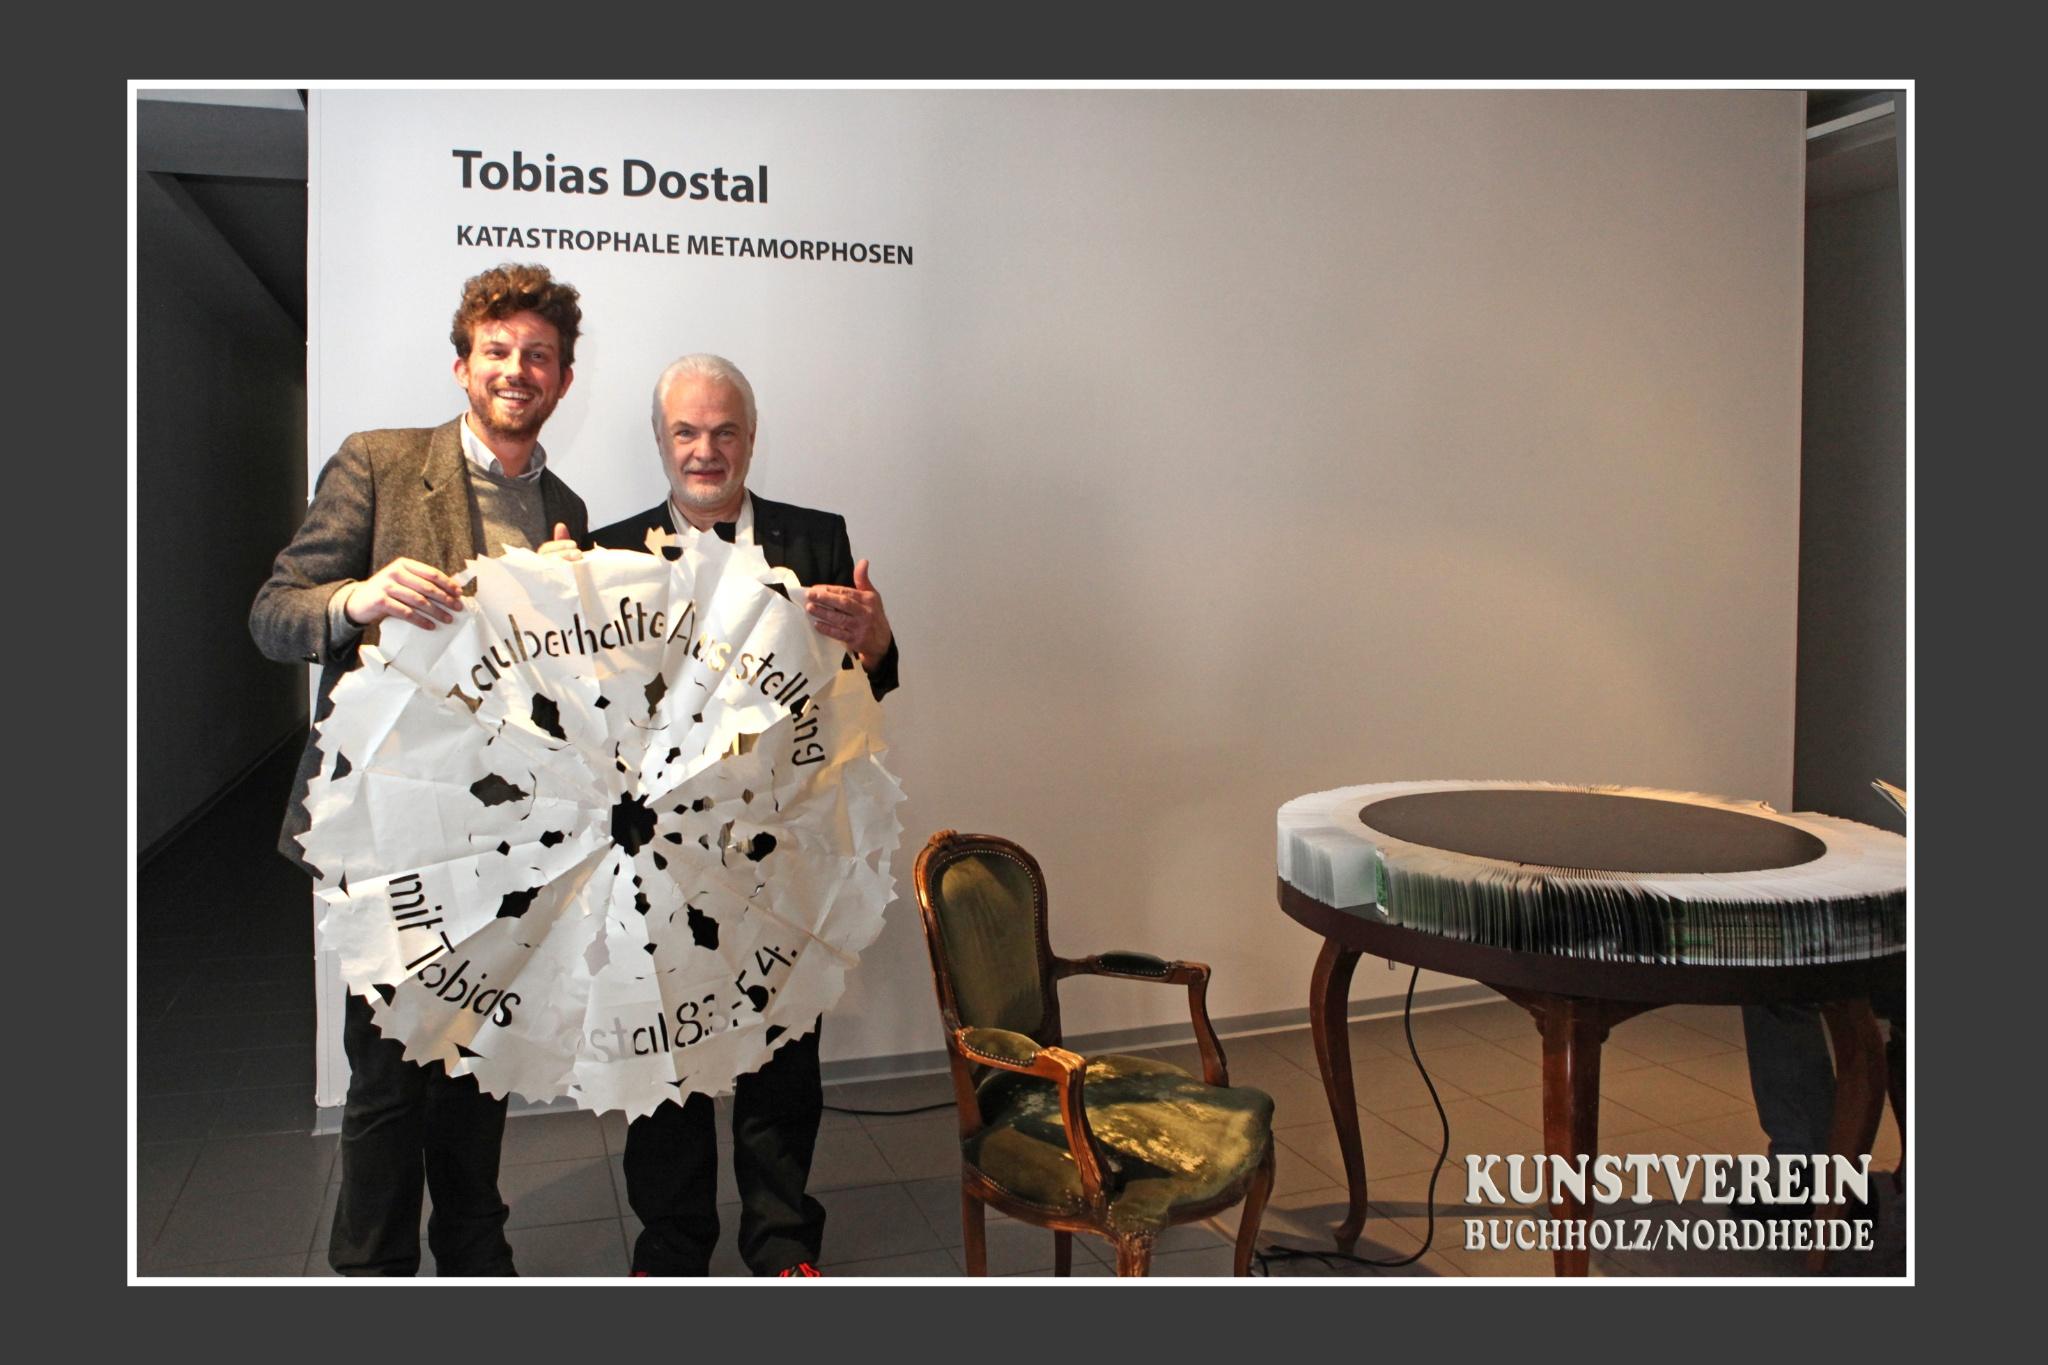 Tobias Dostal; Wittus Witt; KUNSTVEREIN Buchholz/Nordheide